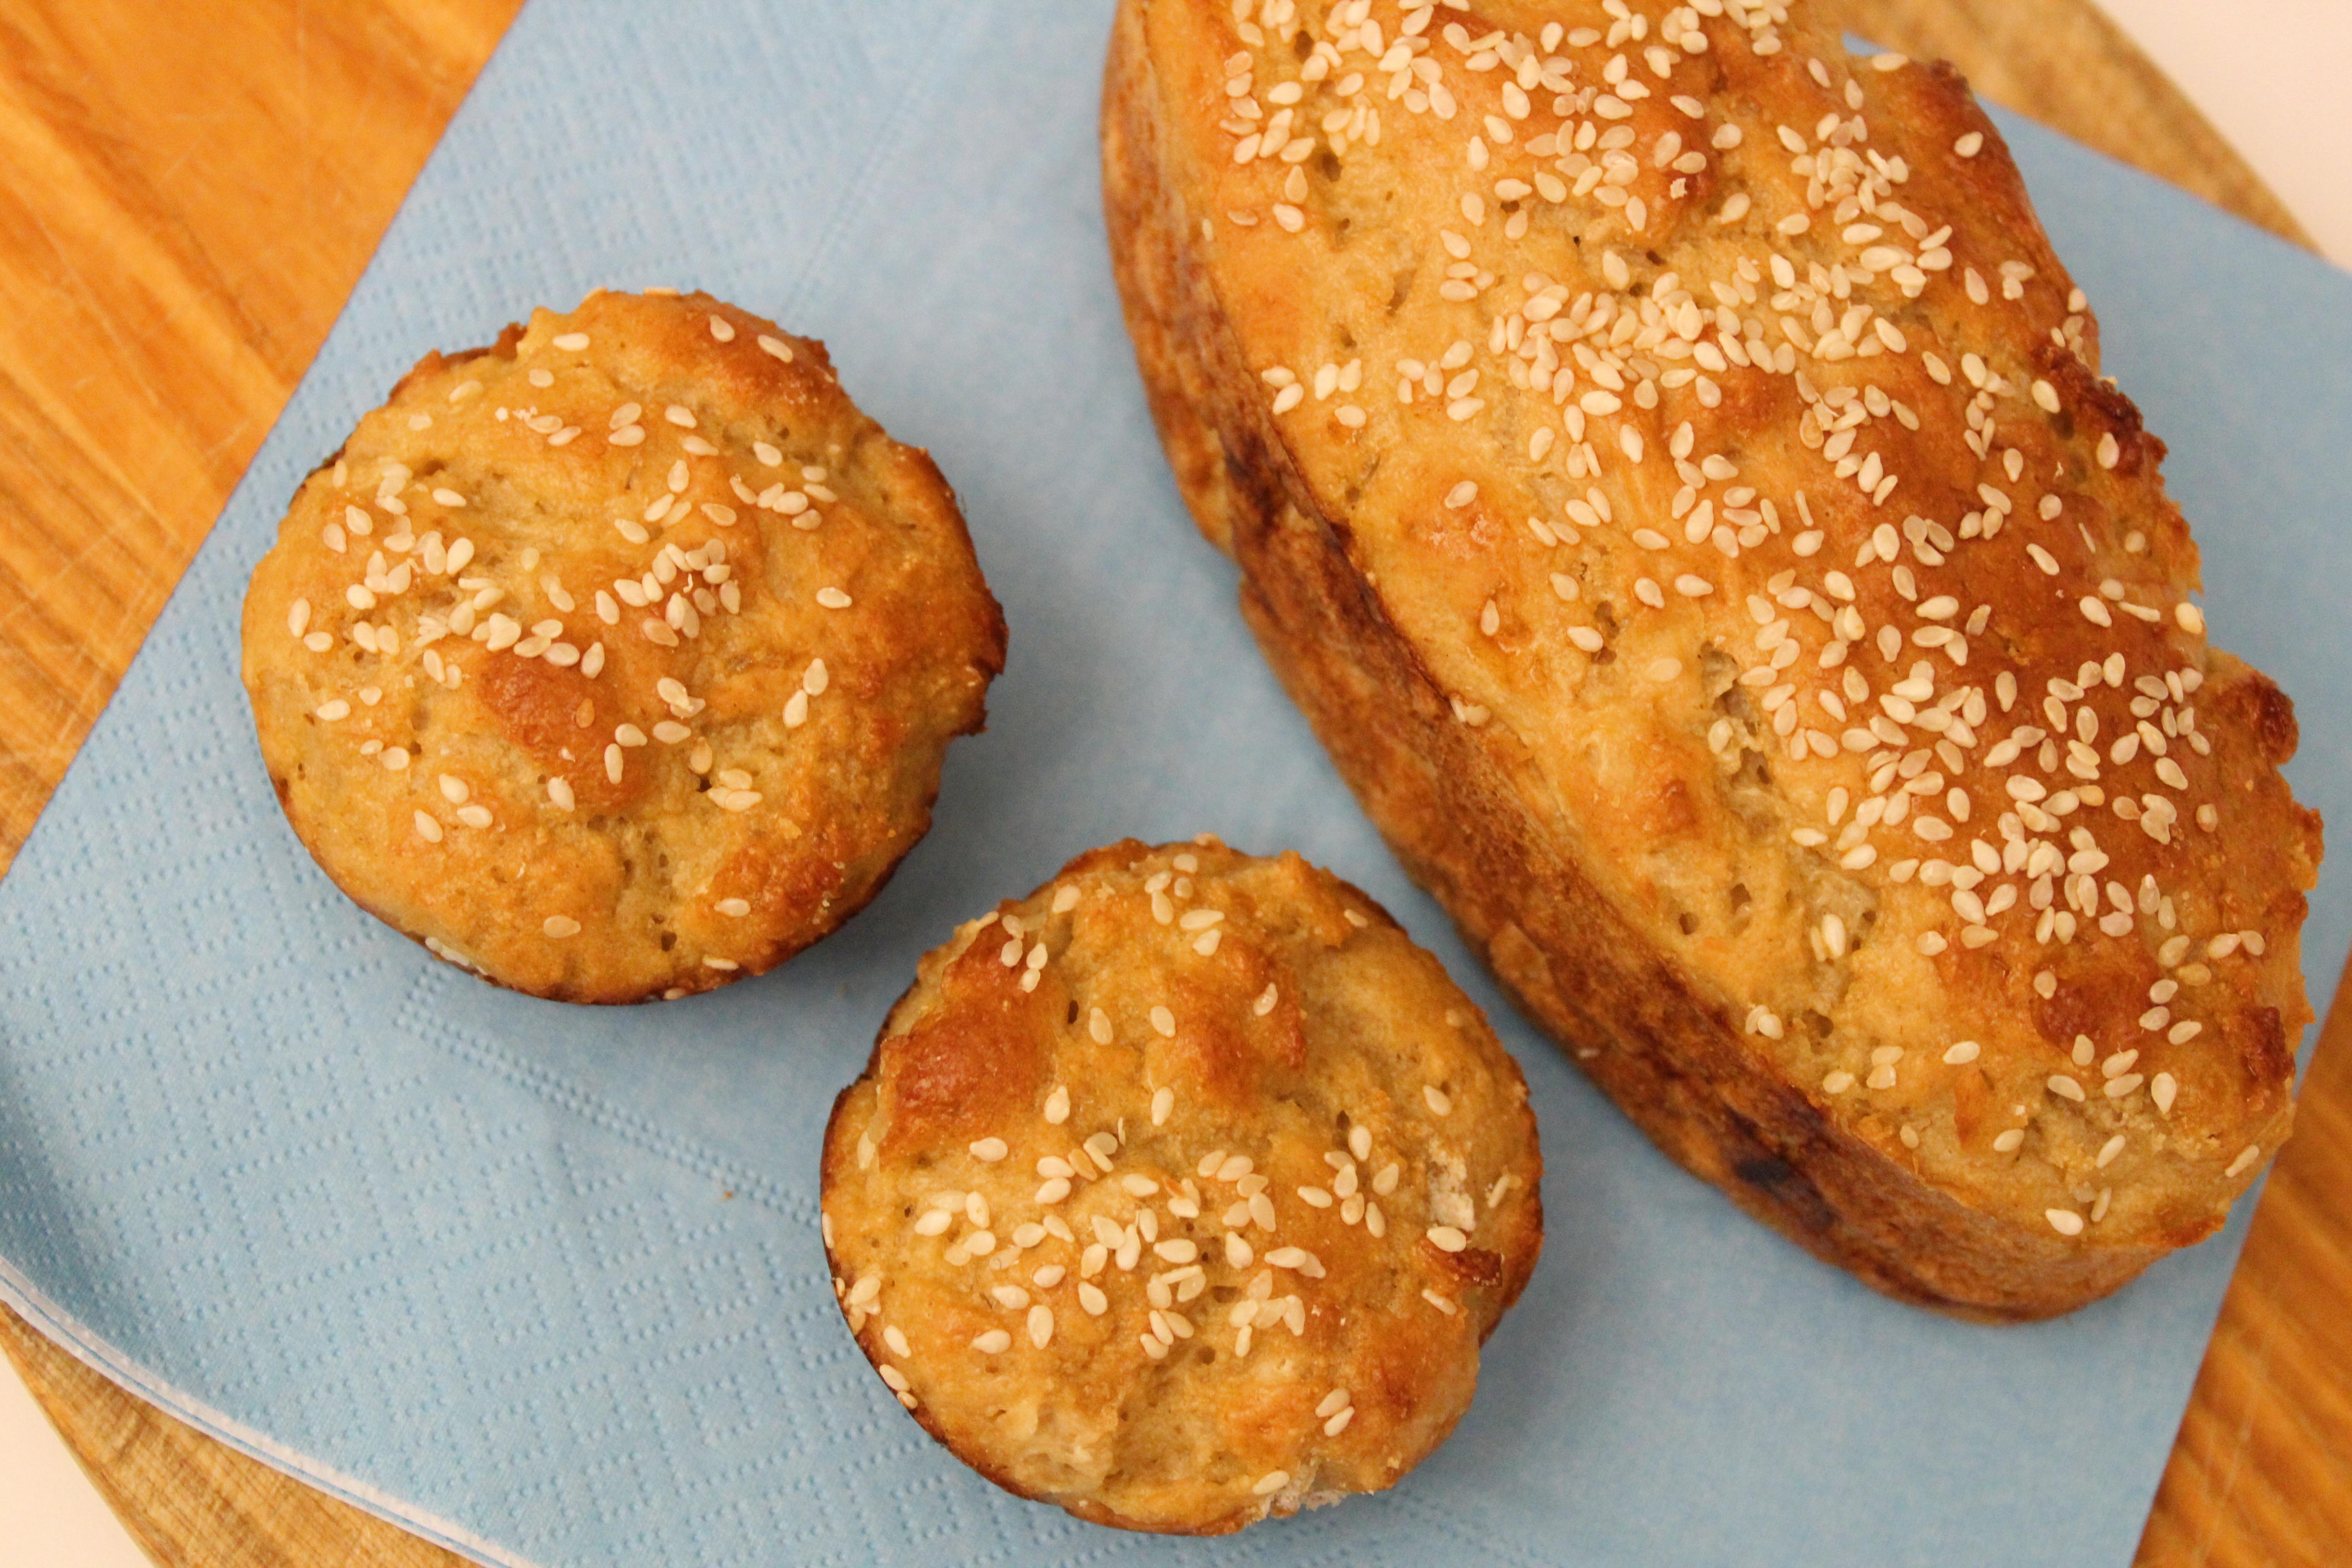 Gluten-free Oat Buns